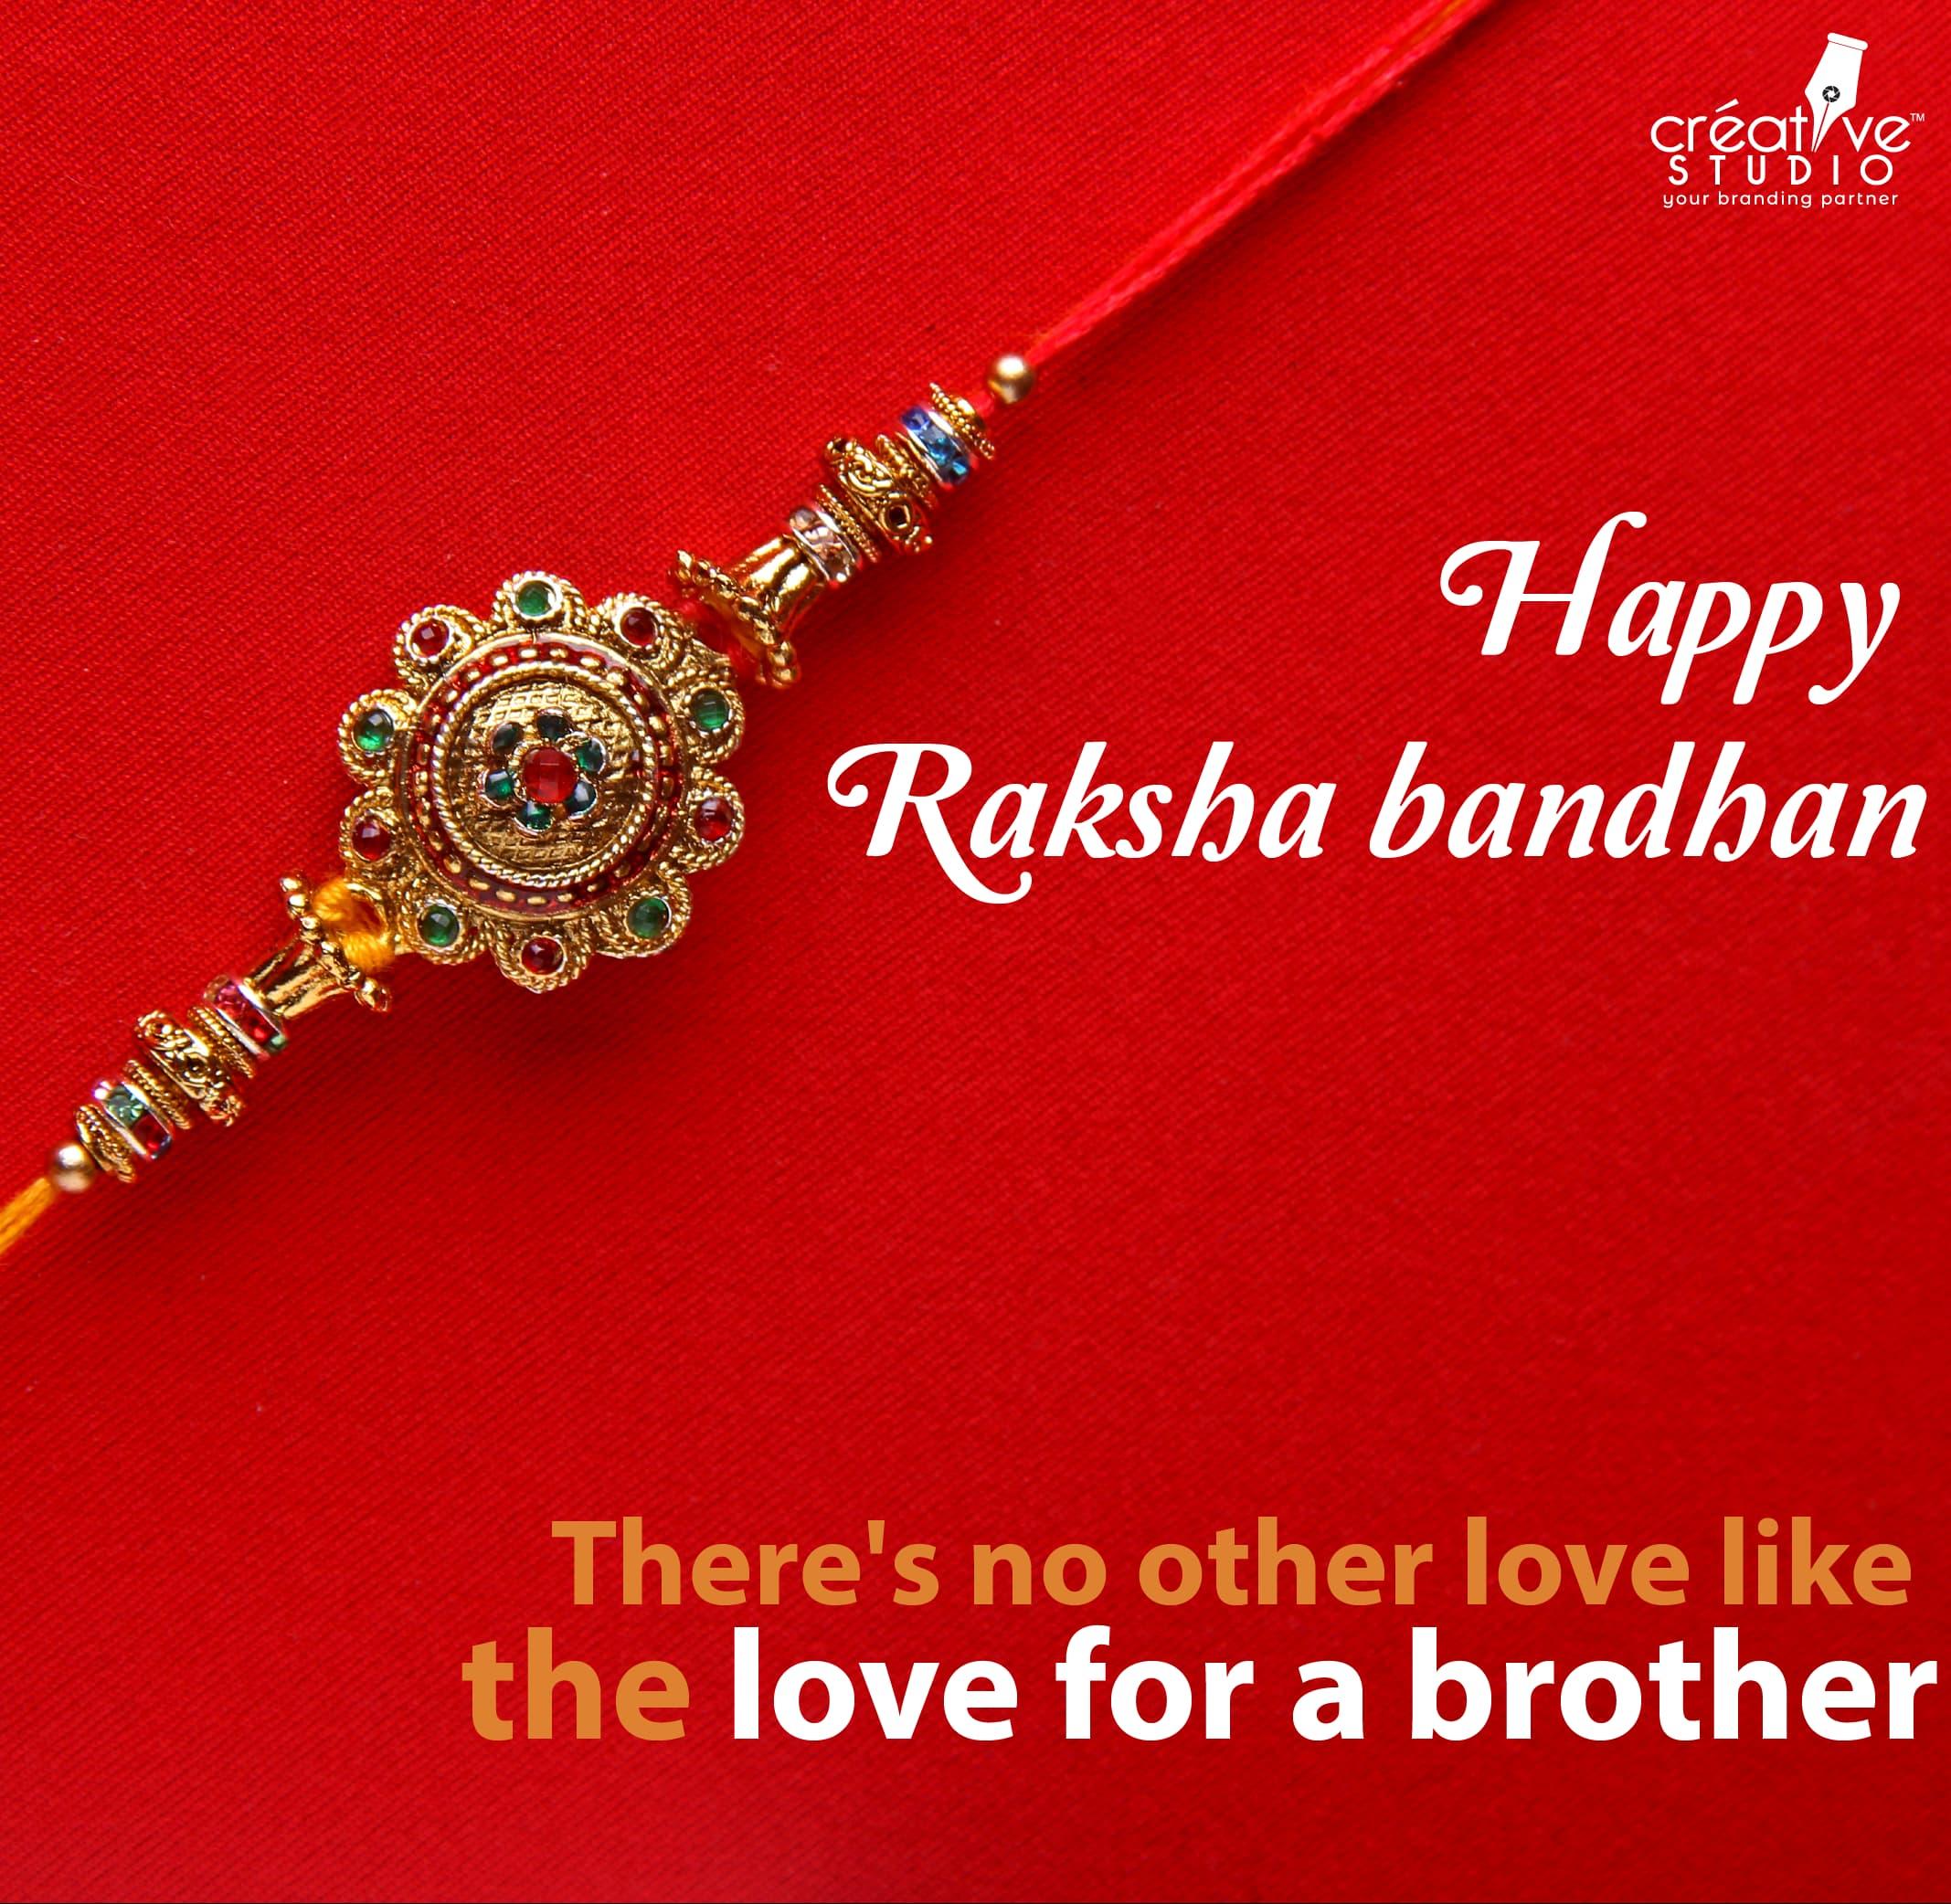 raksha bandhan 03 - Happy Raksha Bandhan